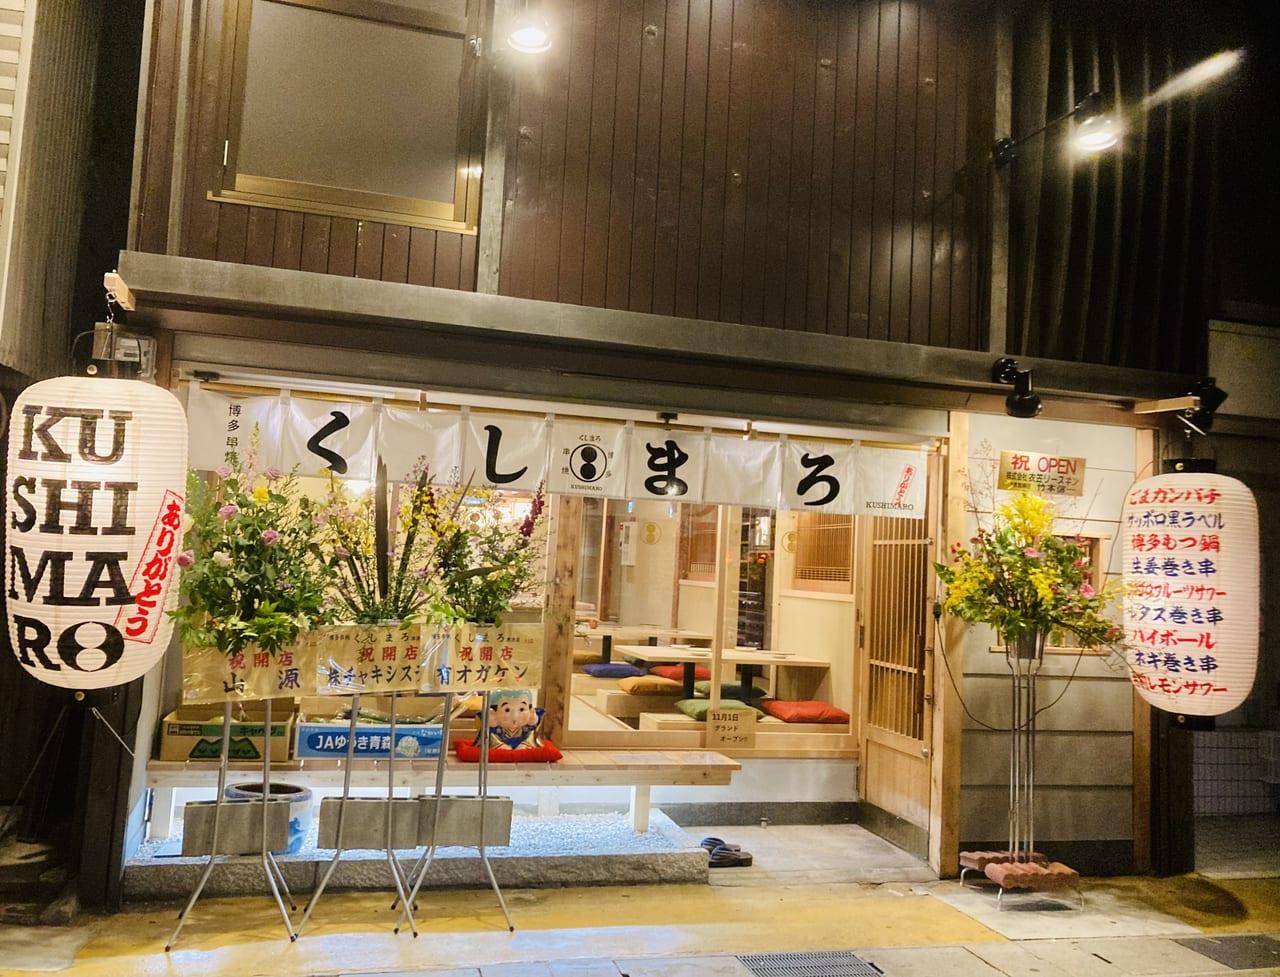 kushimaro open